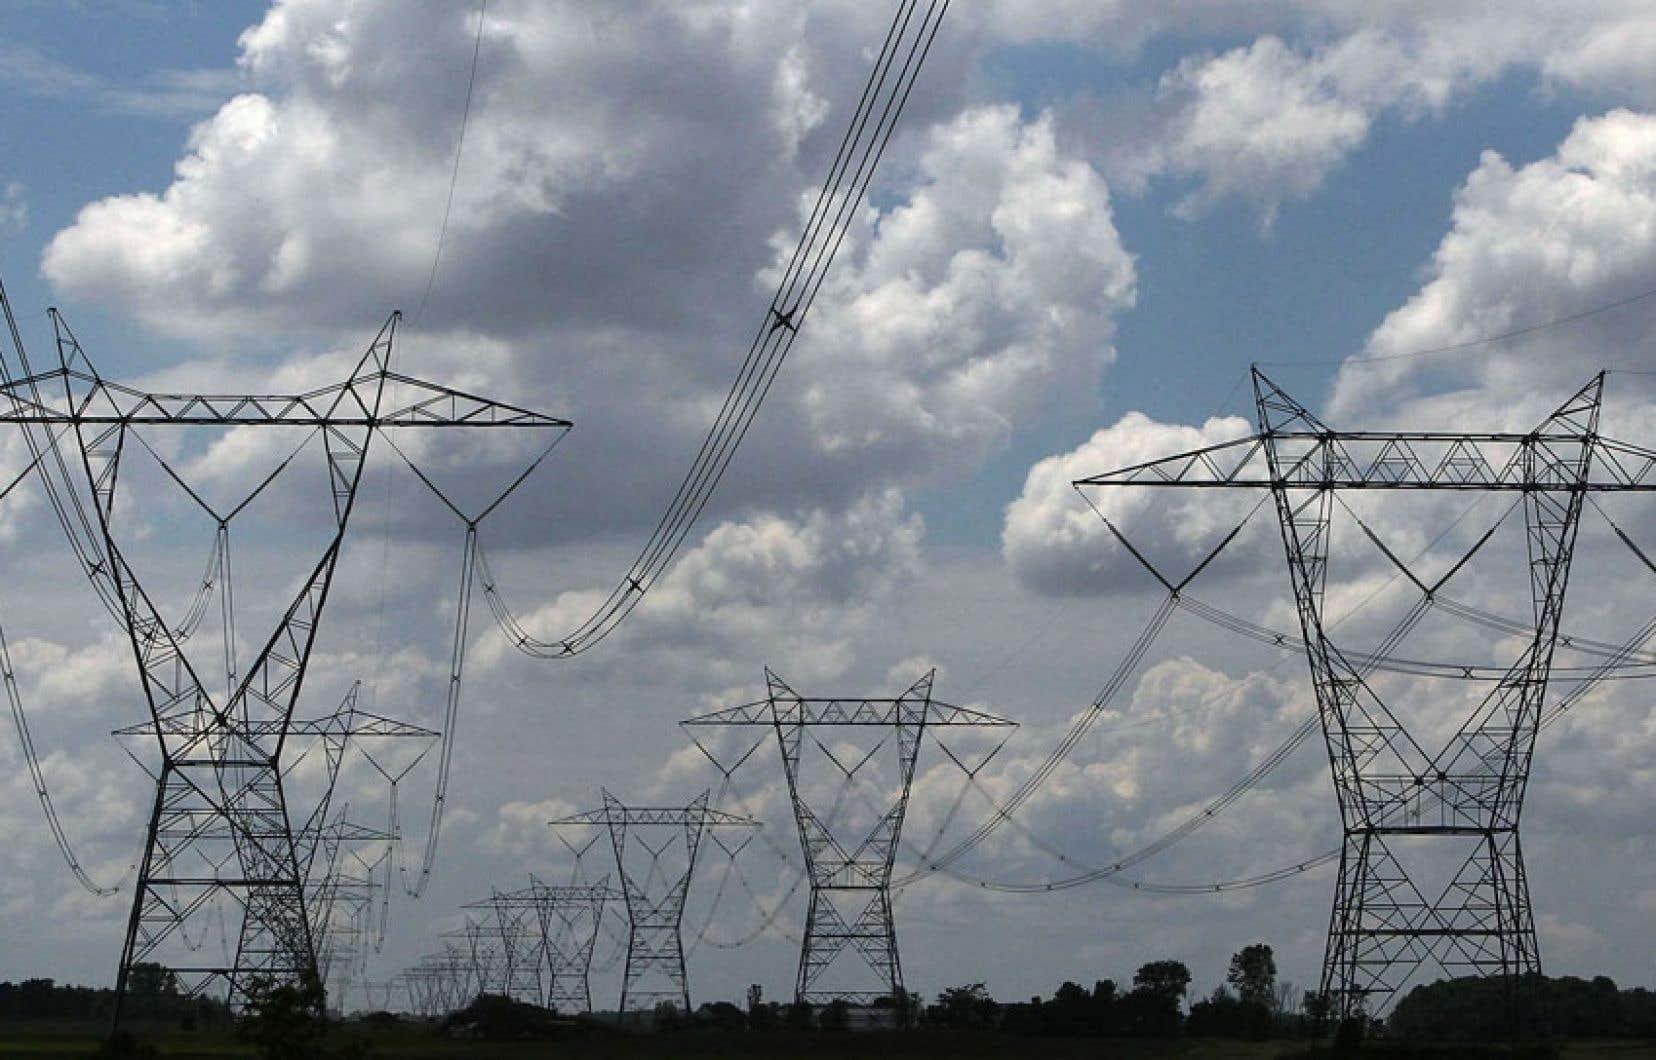 Le gouvernement ne pouvait ignorer l'«atout de taille» de disposer d'électricité «en grande quantité» afin de «stimuler» la croissance économique, selon la première ministre.